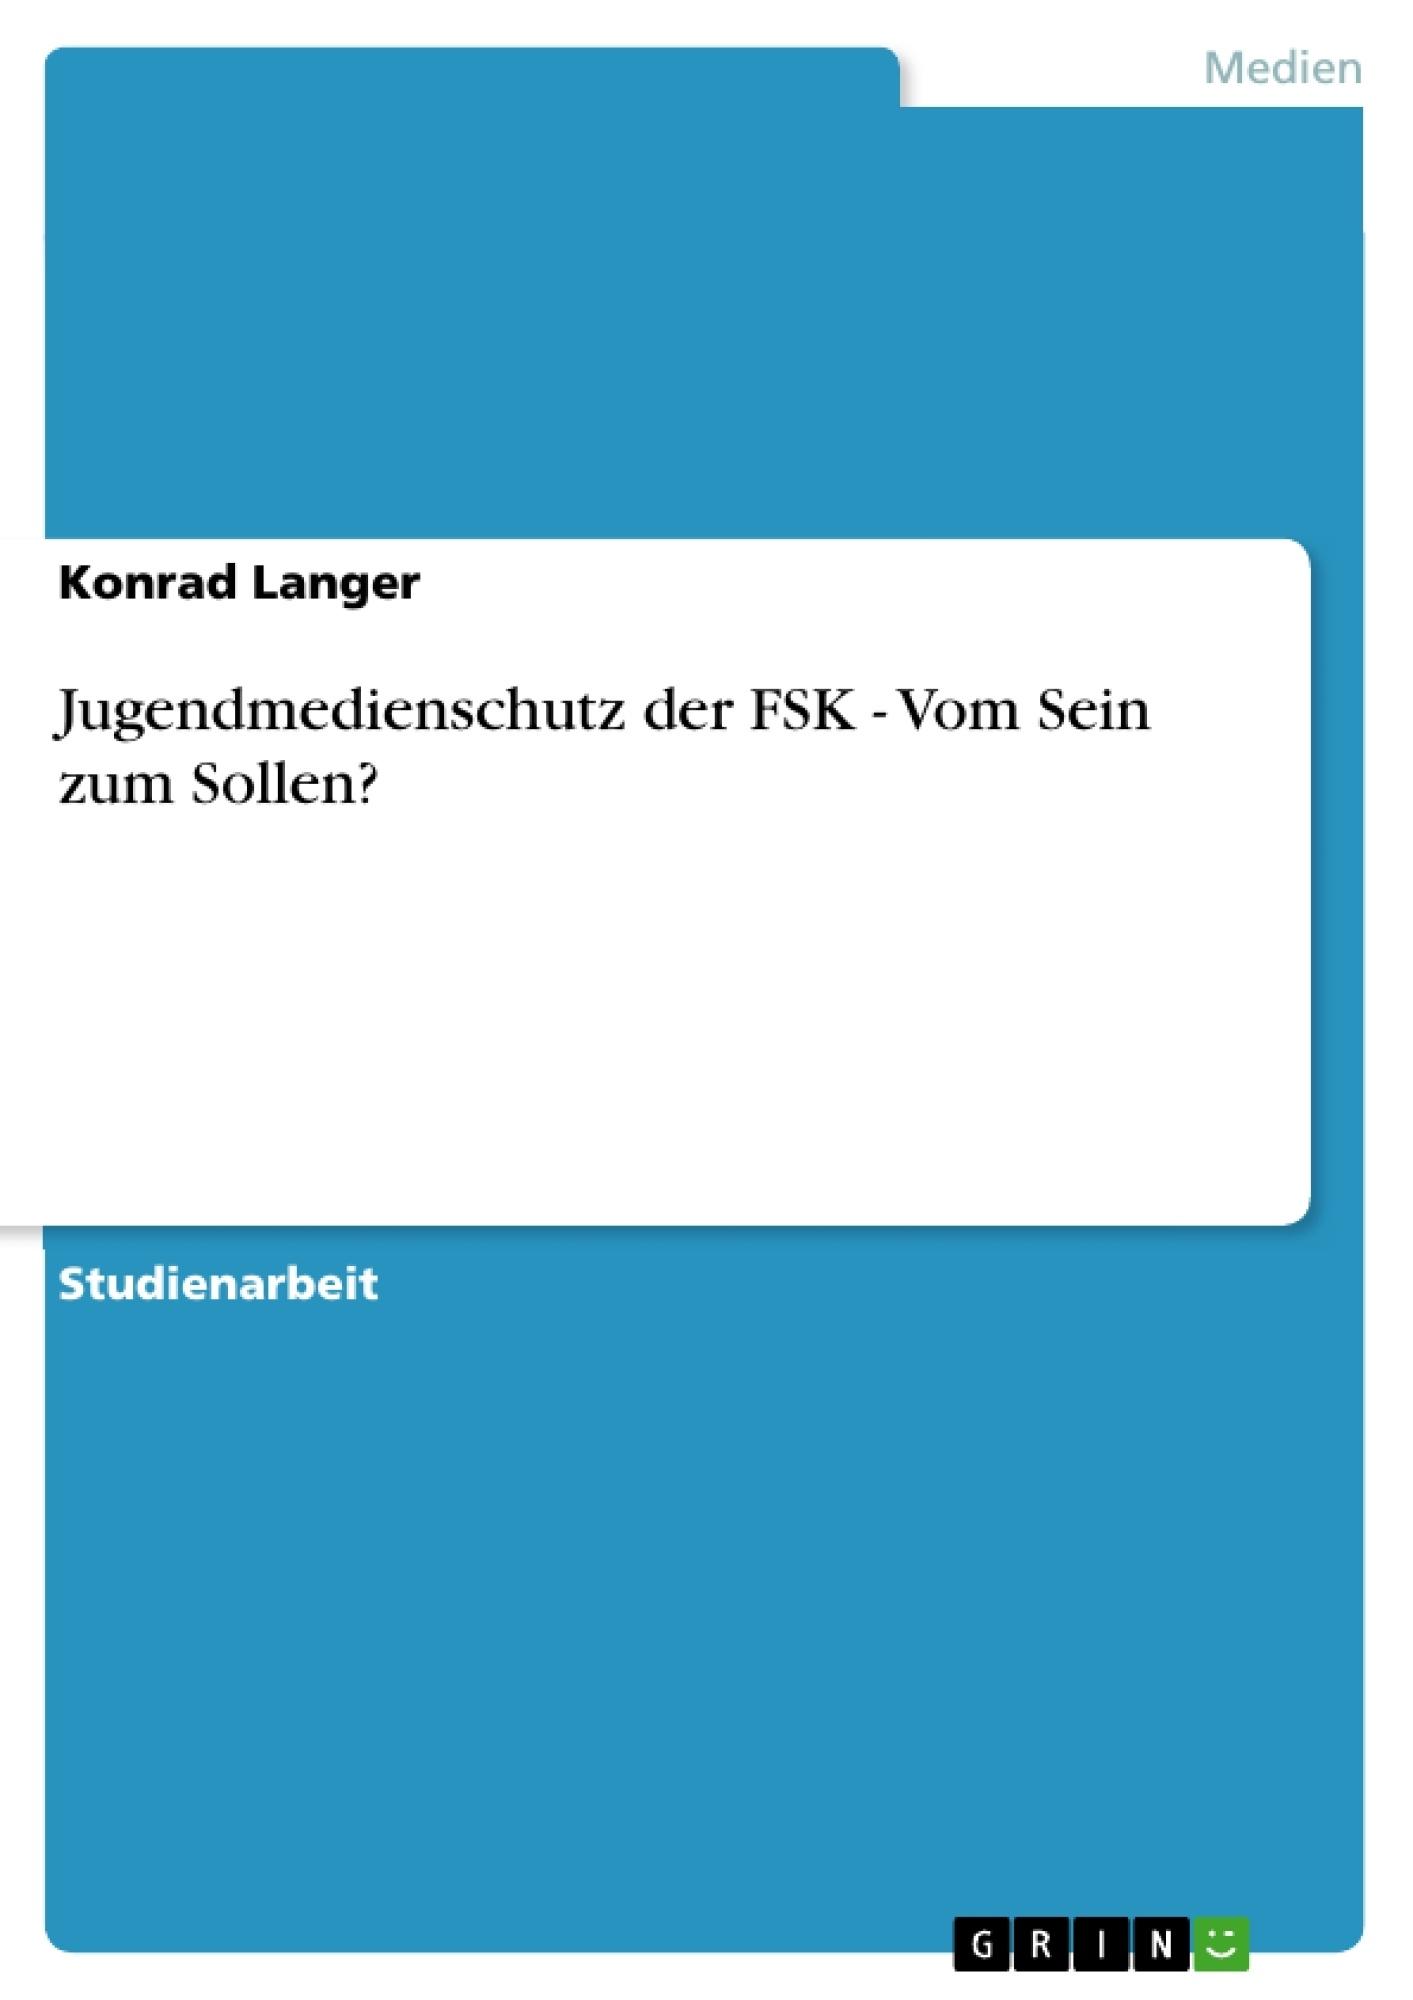 Titel: Jugendmedienschutz der FSK - Vom Sein zum Sollen?